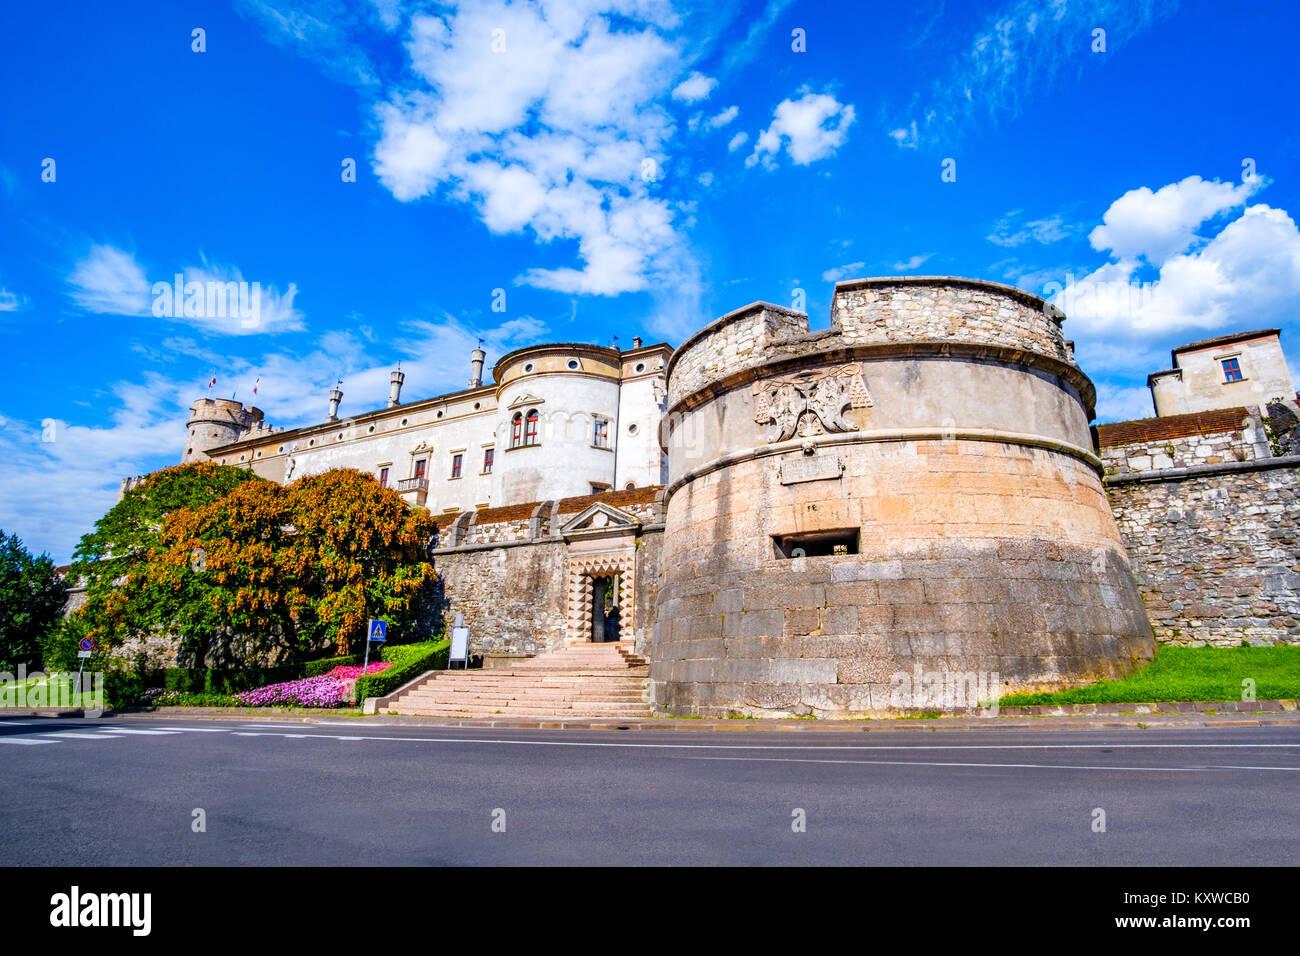 Trento Trent - Castello del Buonconsiglio Castle Trentino Alto Adige Italy - Stock Image